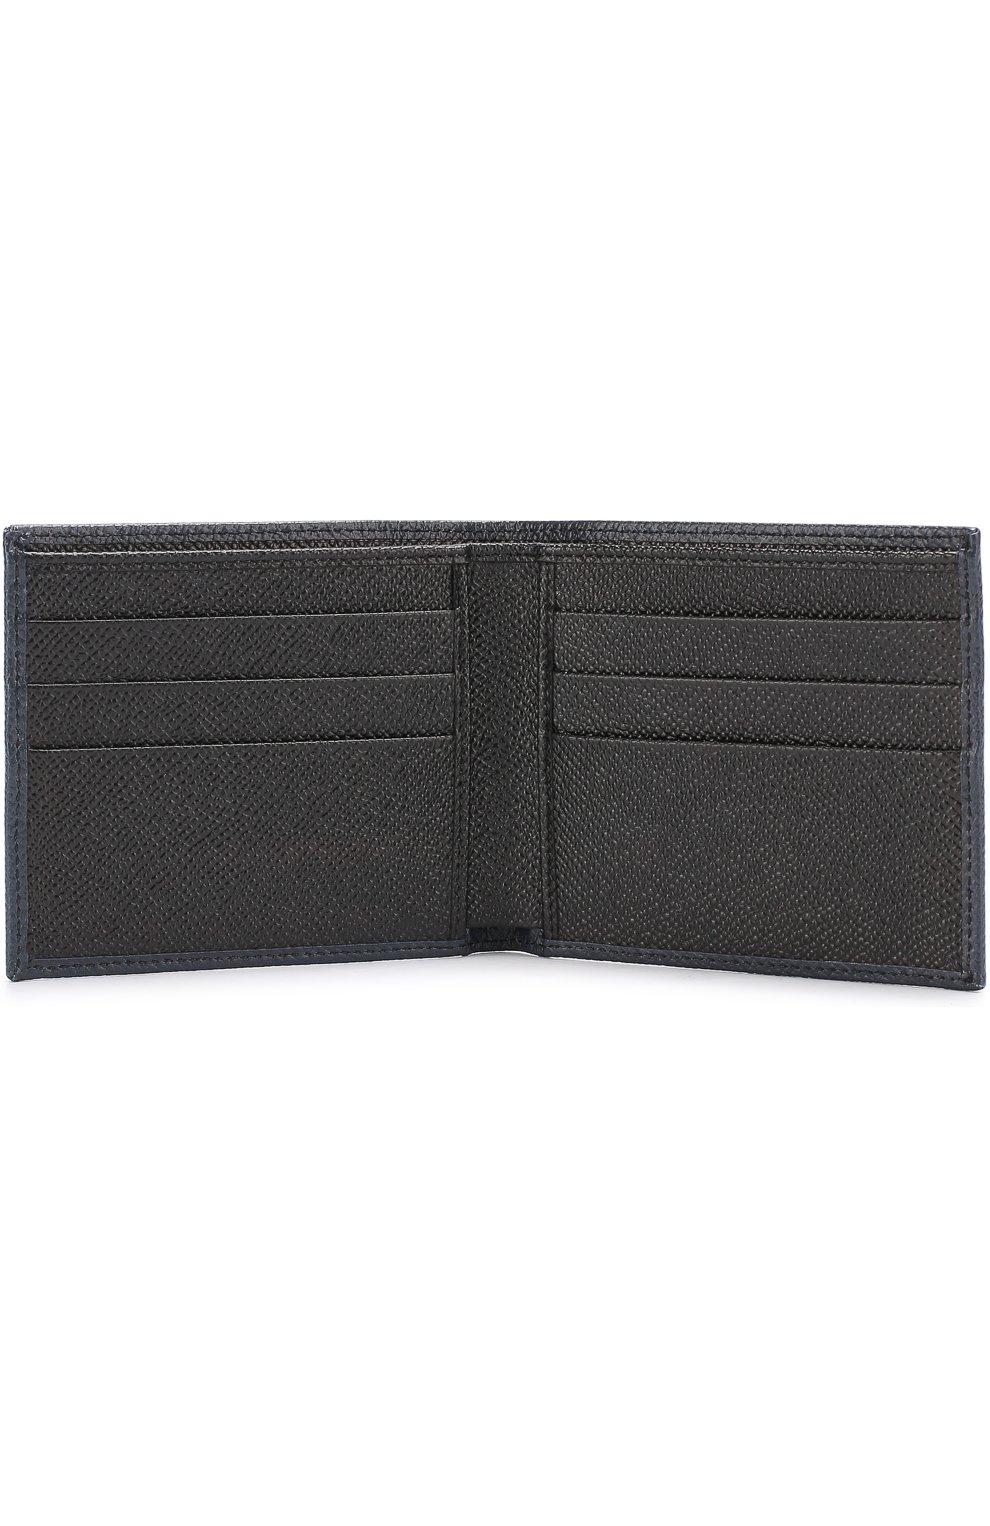 Кожаное портмоне с принтом с отделениями для кредитных карт Dolce & Gabbana синего цвета | Фото №3